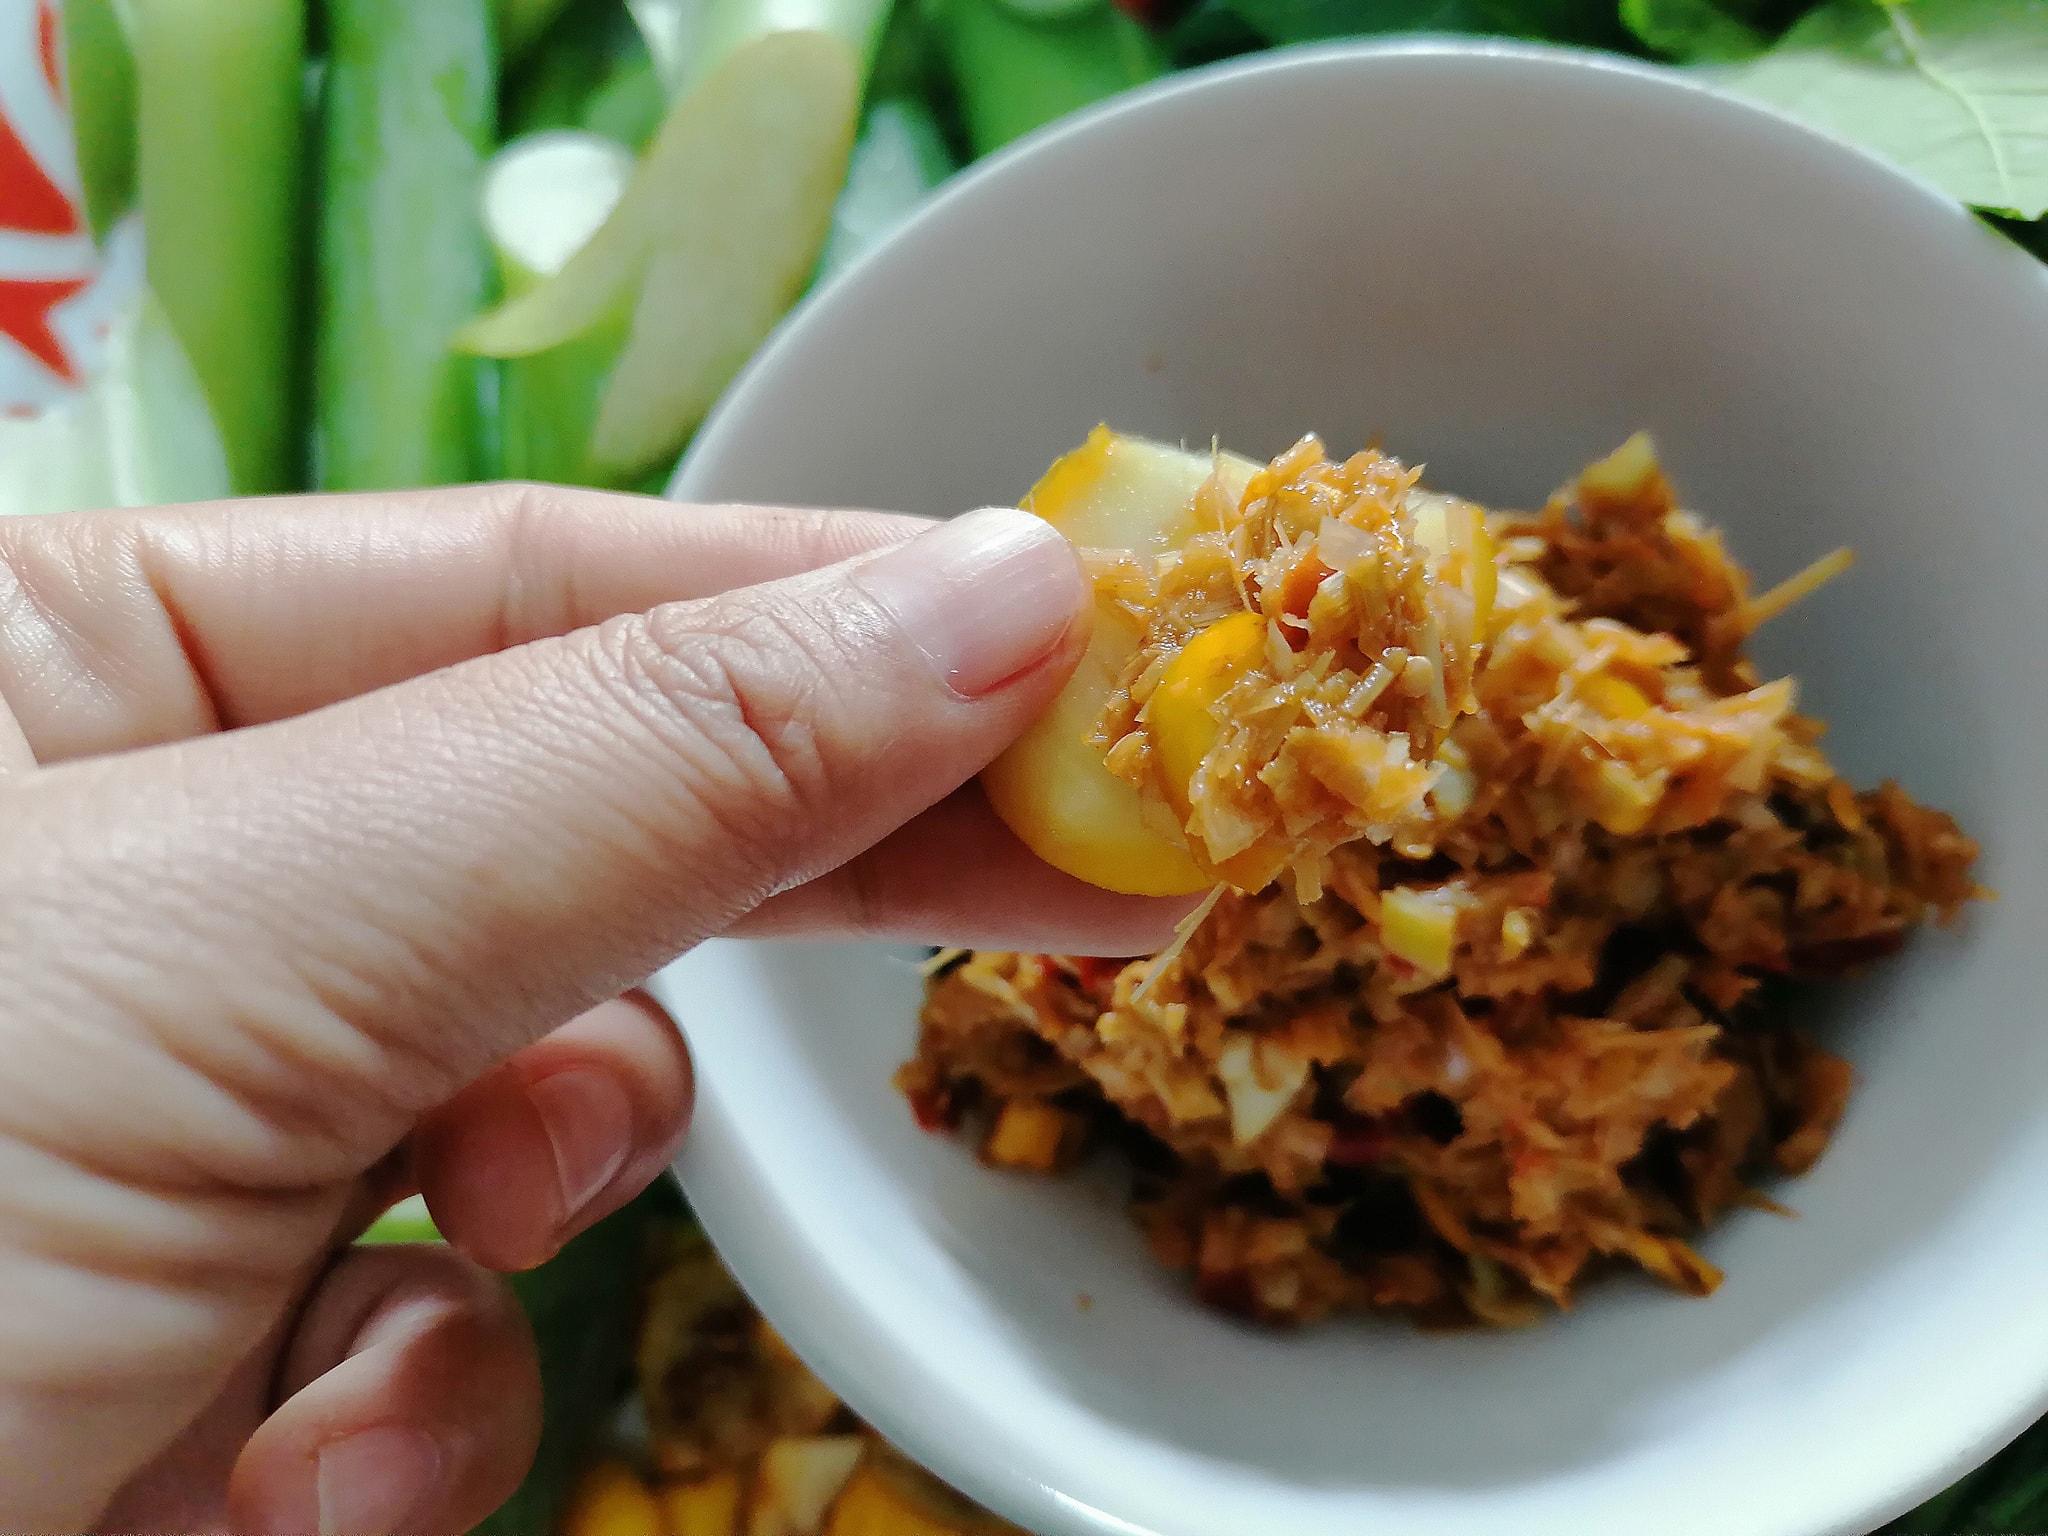 เมี่ยงข่า อาหารอิสาน สูตรอาหาร วิธีทำ แม่บ้าน